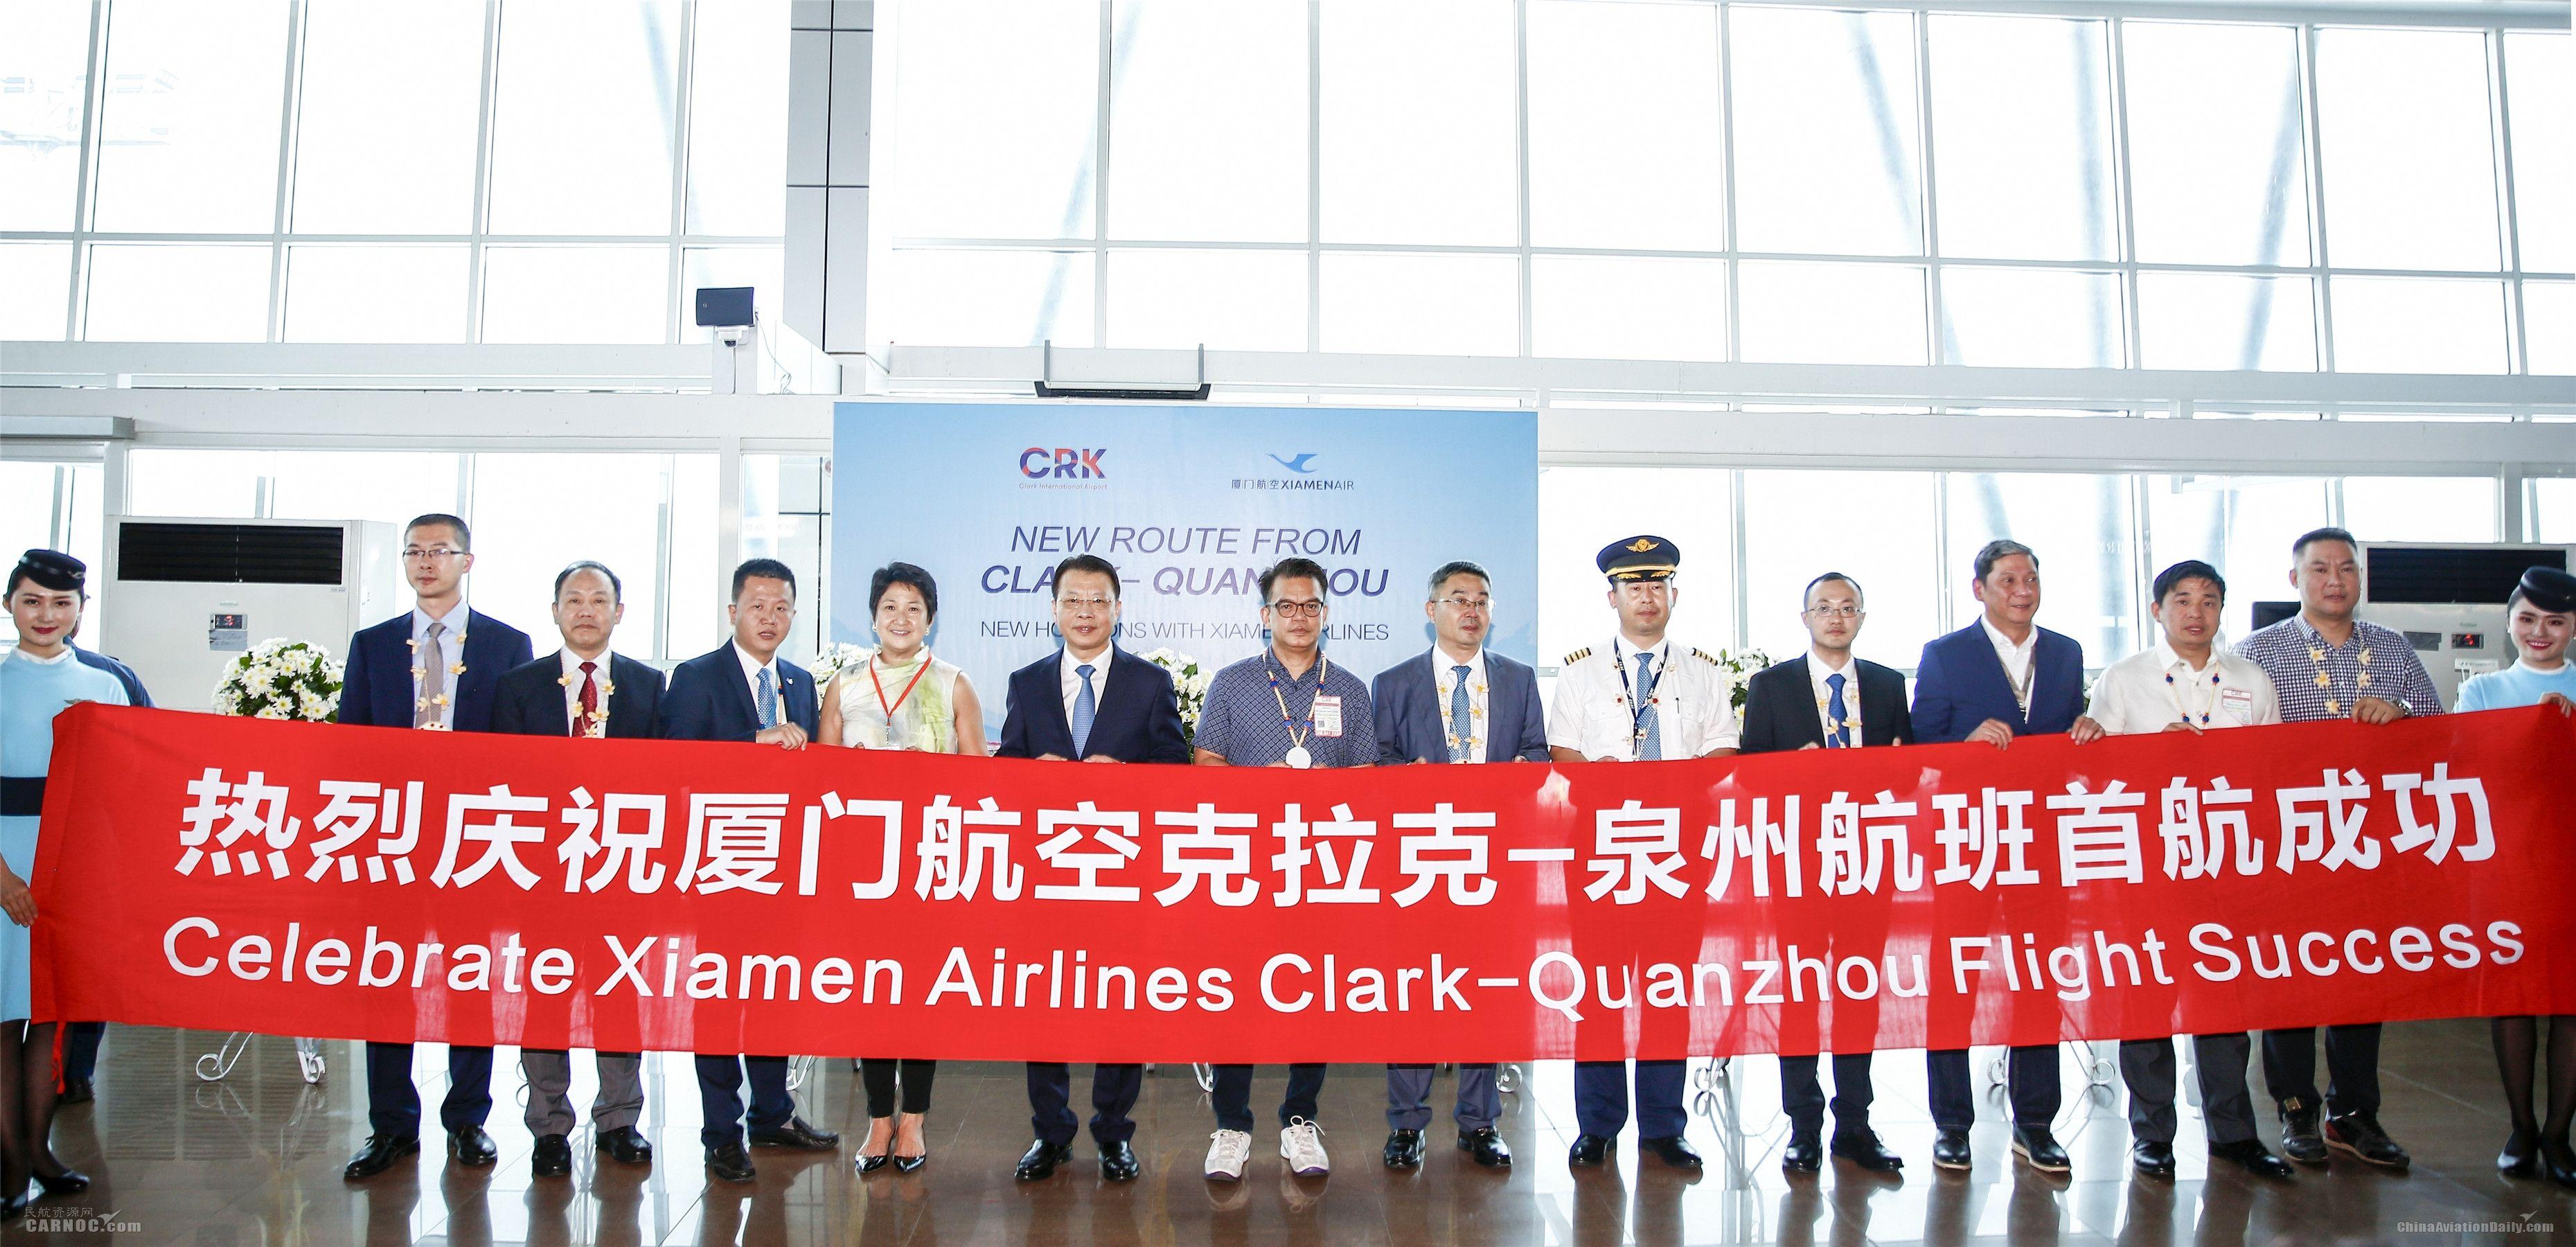 厦航开通克拉克直飞航线 菲律宾航点增至5个